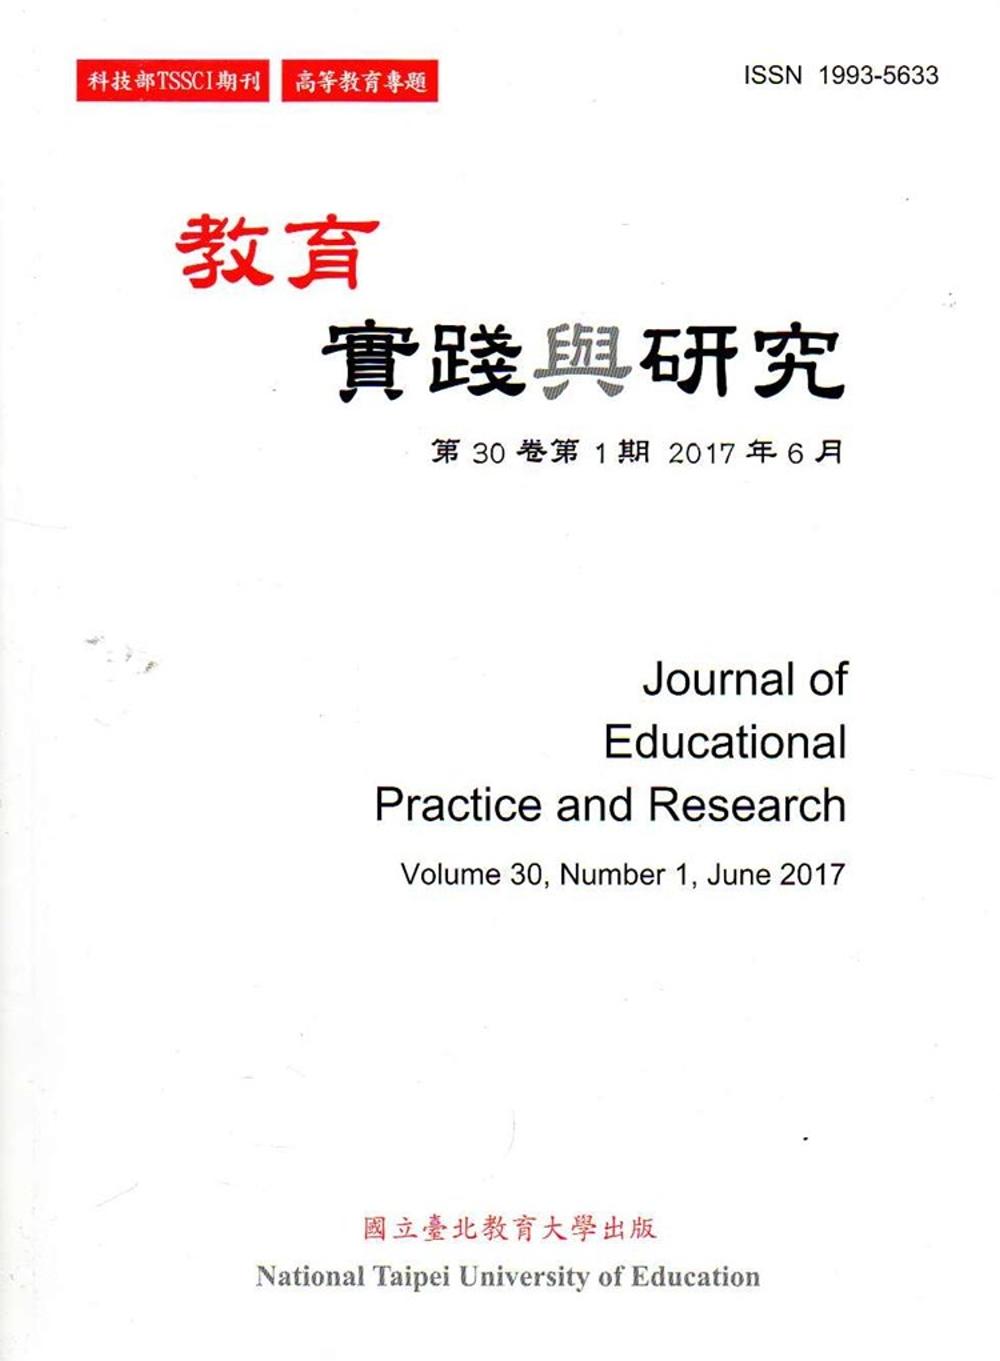 教育實踐與研究30卷1期(106/06)半年刊